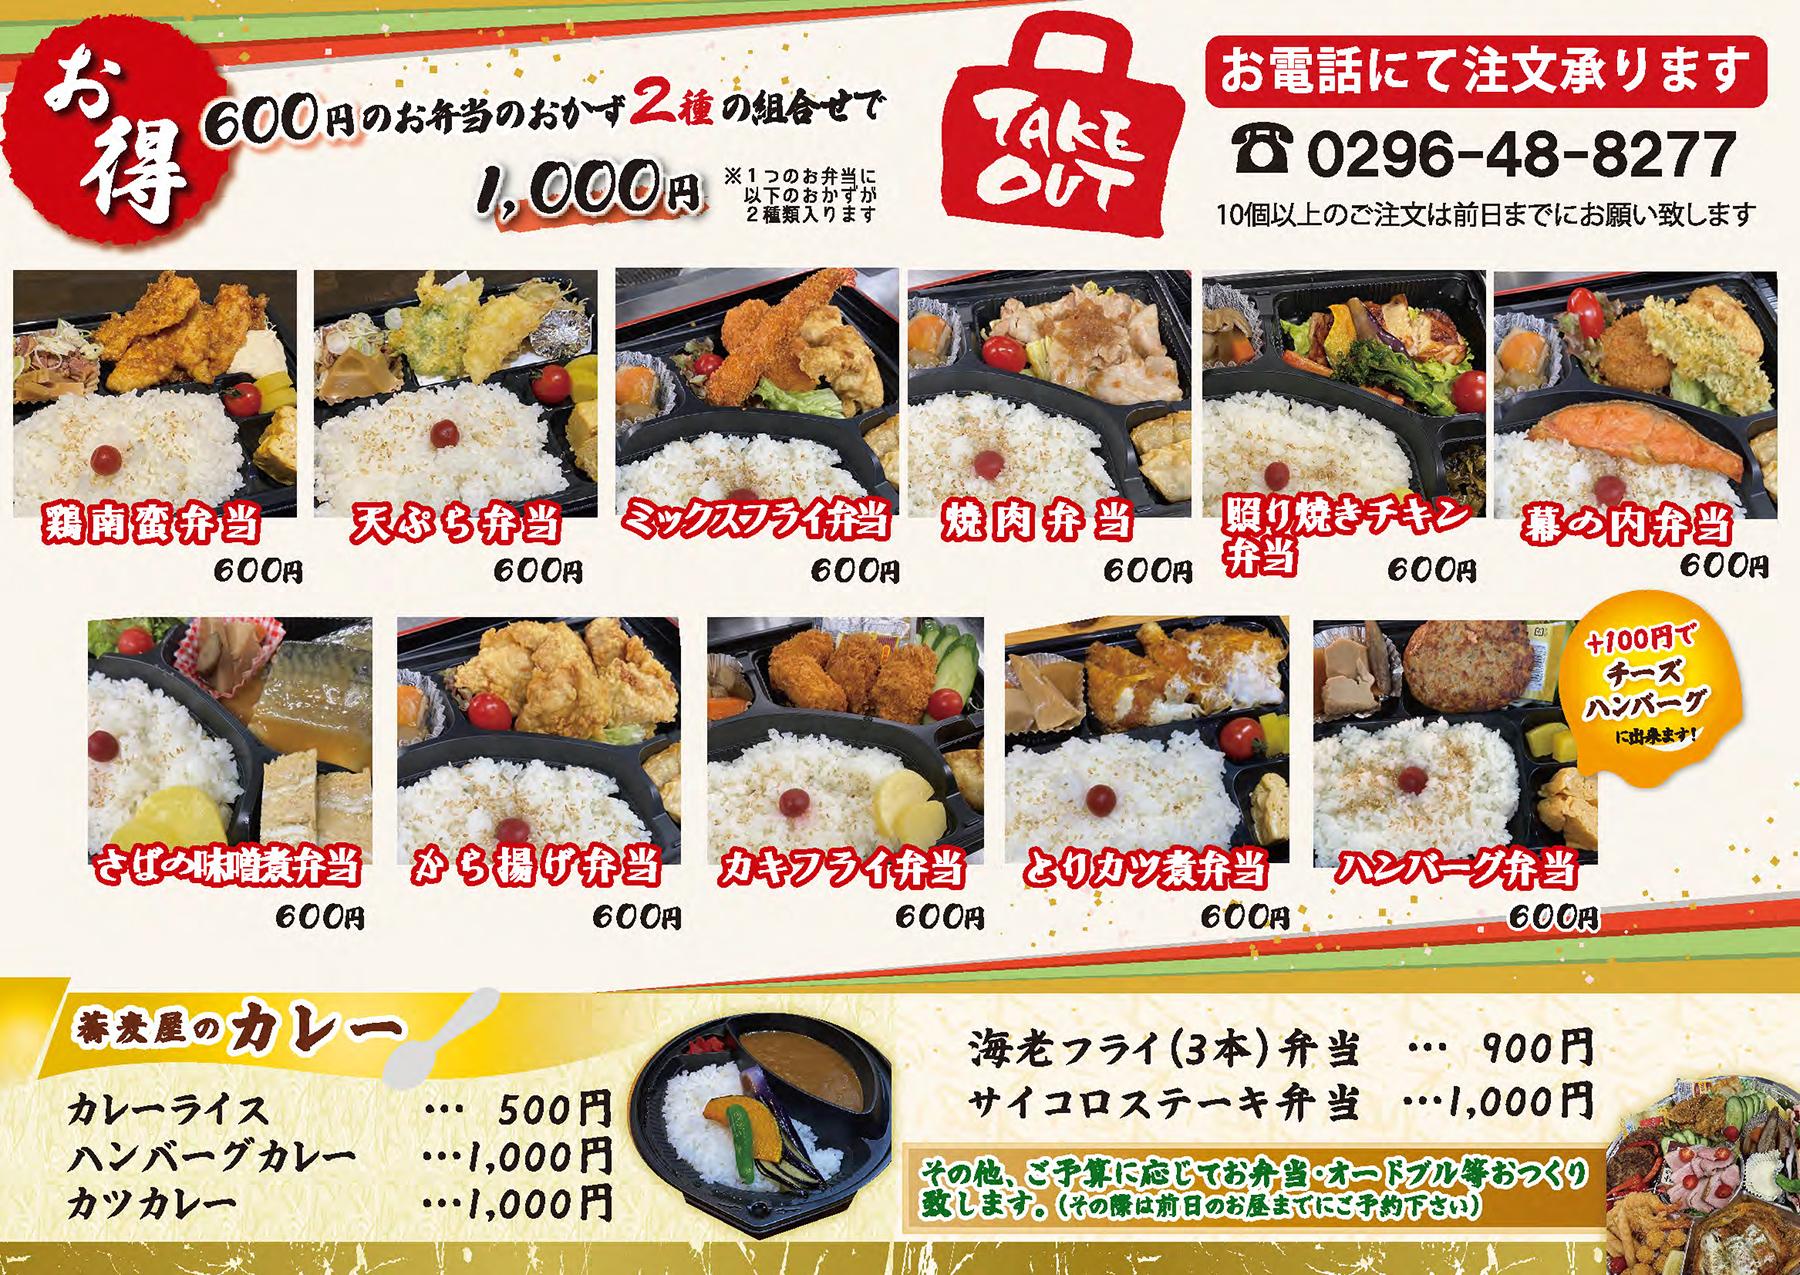 600円弁当